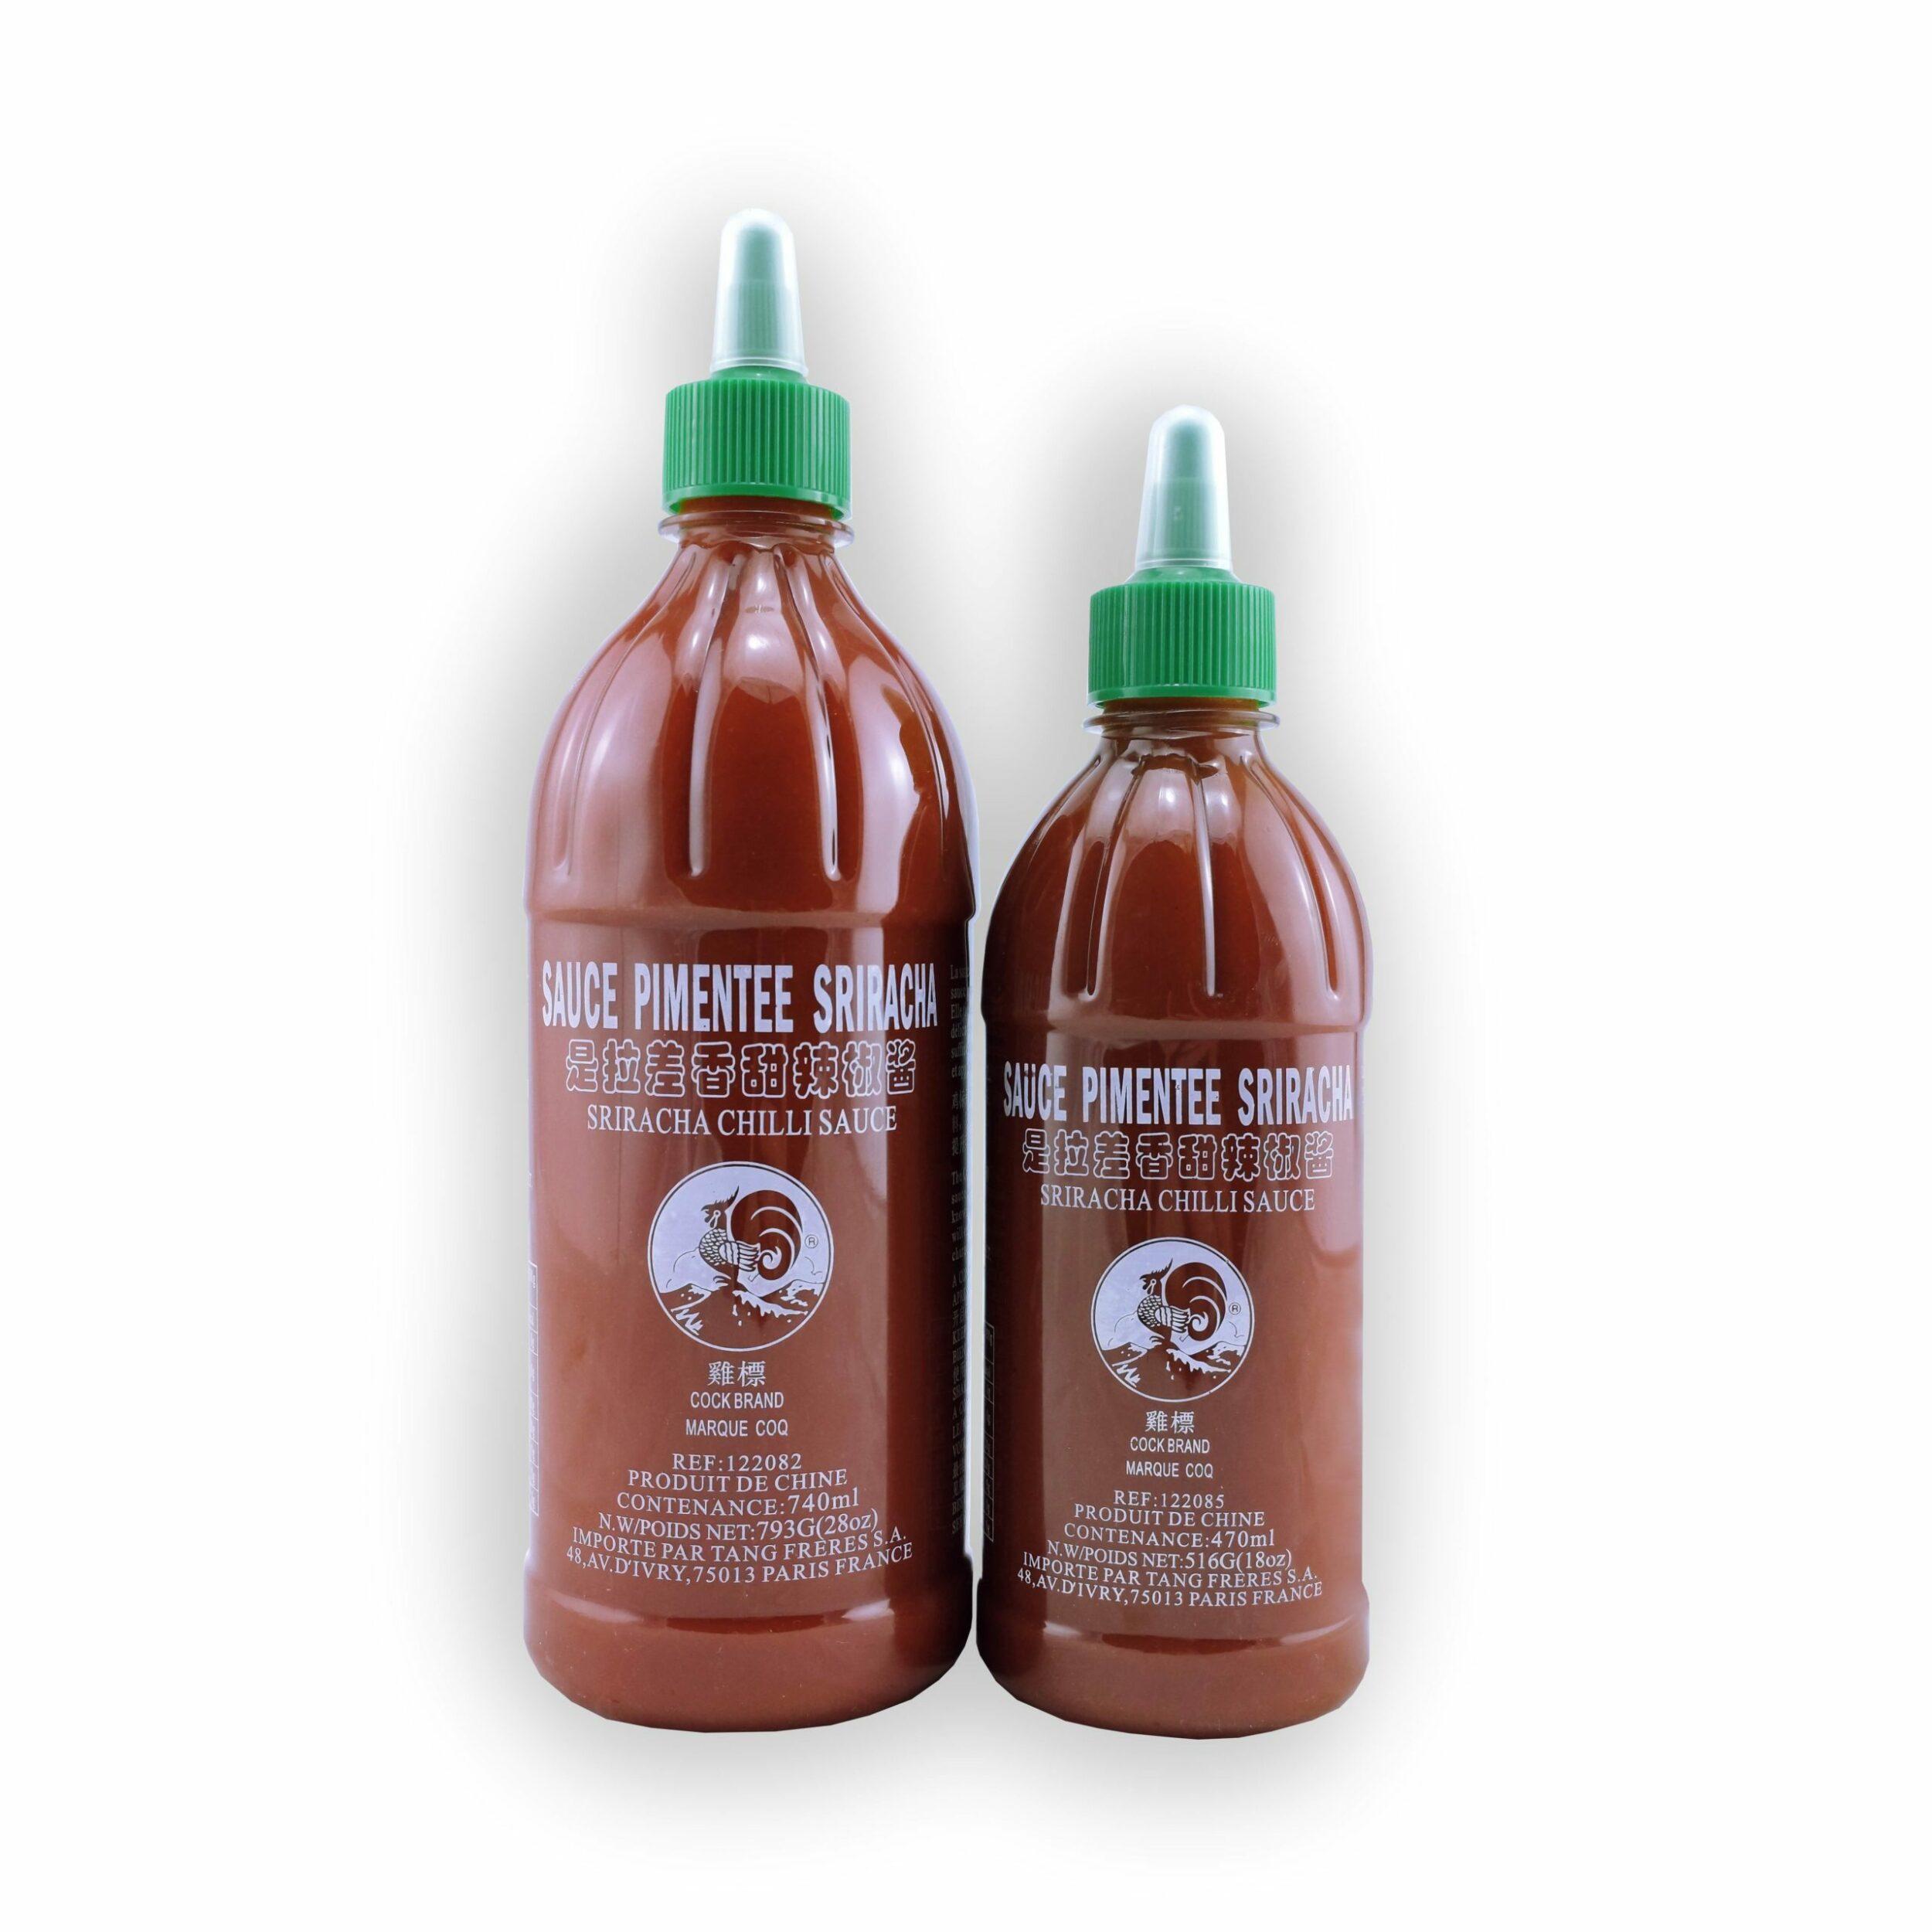 sauce-pimentee-sriracha-chilli-sauce-740ml-470ml-site-web-moushenco